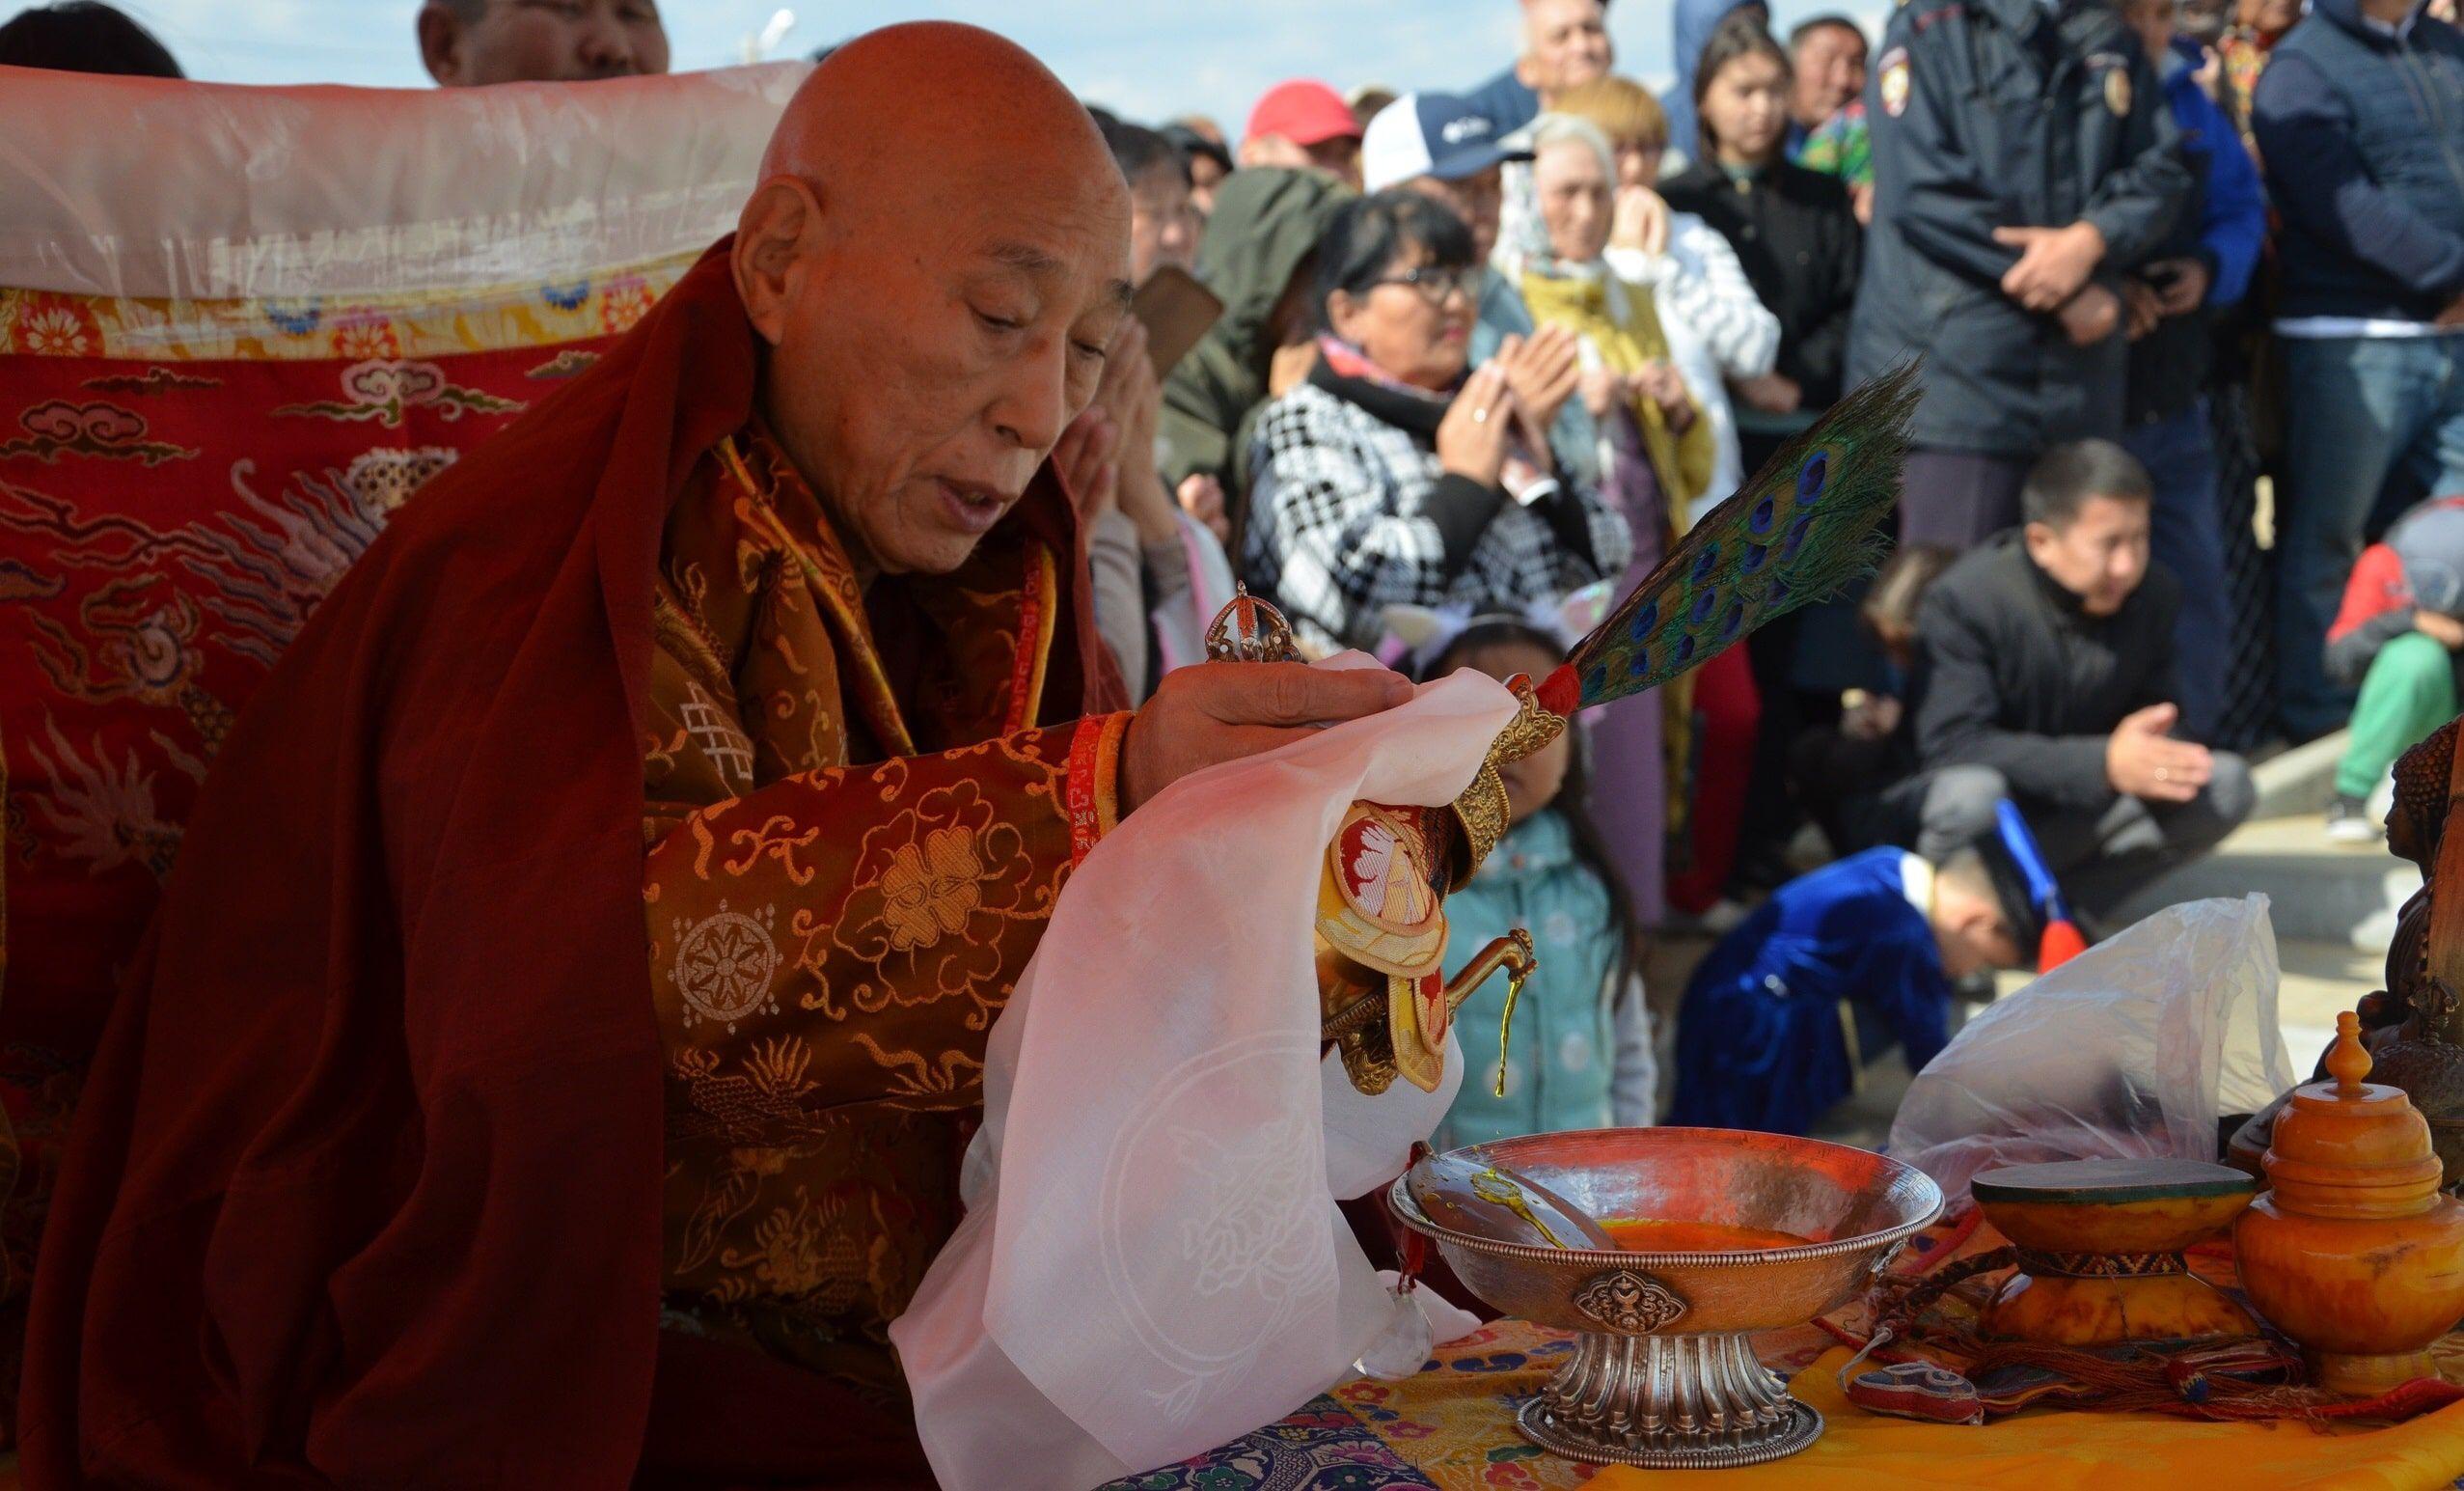 Буддийский монах Еше Лодой Ринпоче во время ритуала освящения статуи Будды Майтрейи в Лагани, 22 сентября.  Фото: пресс-служба Лаганского хурула